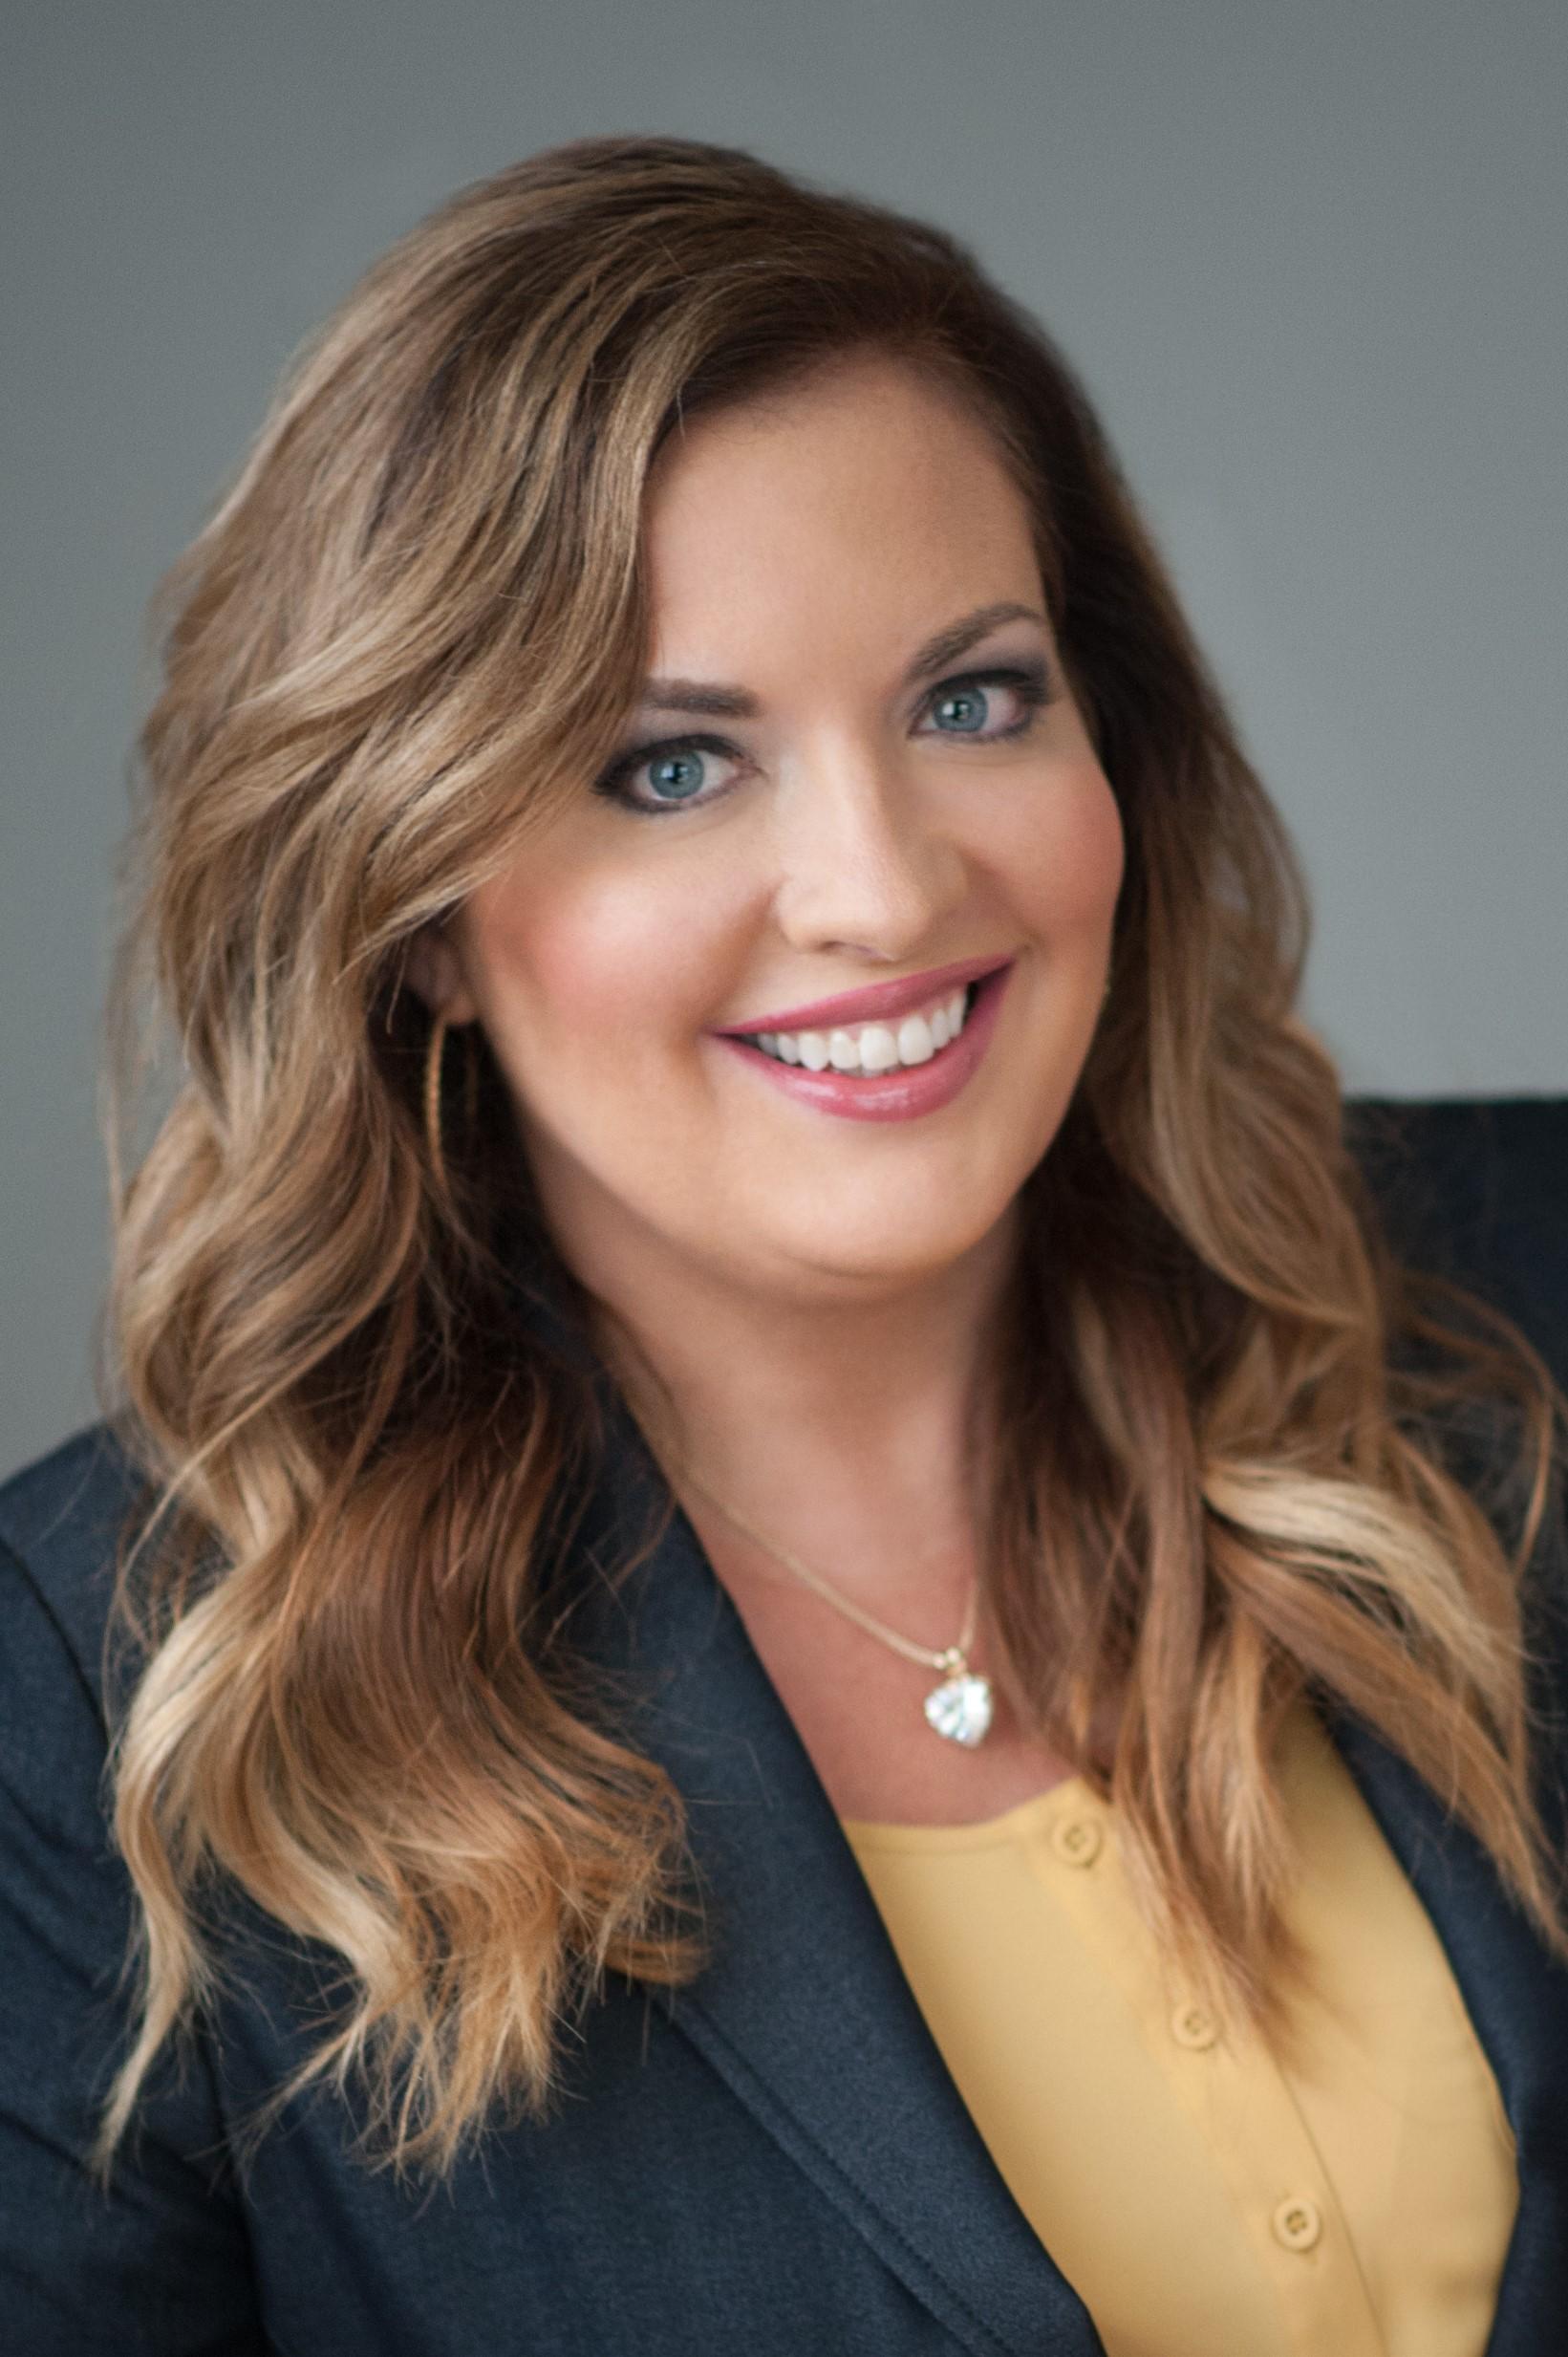 Megan Eister